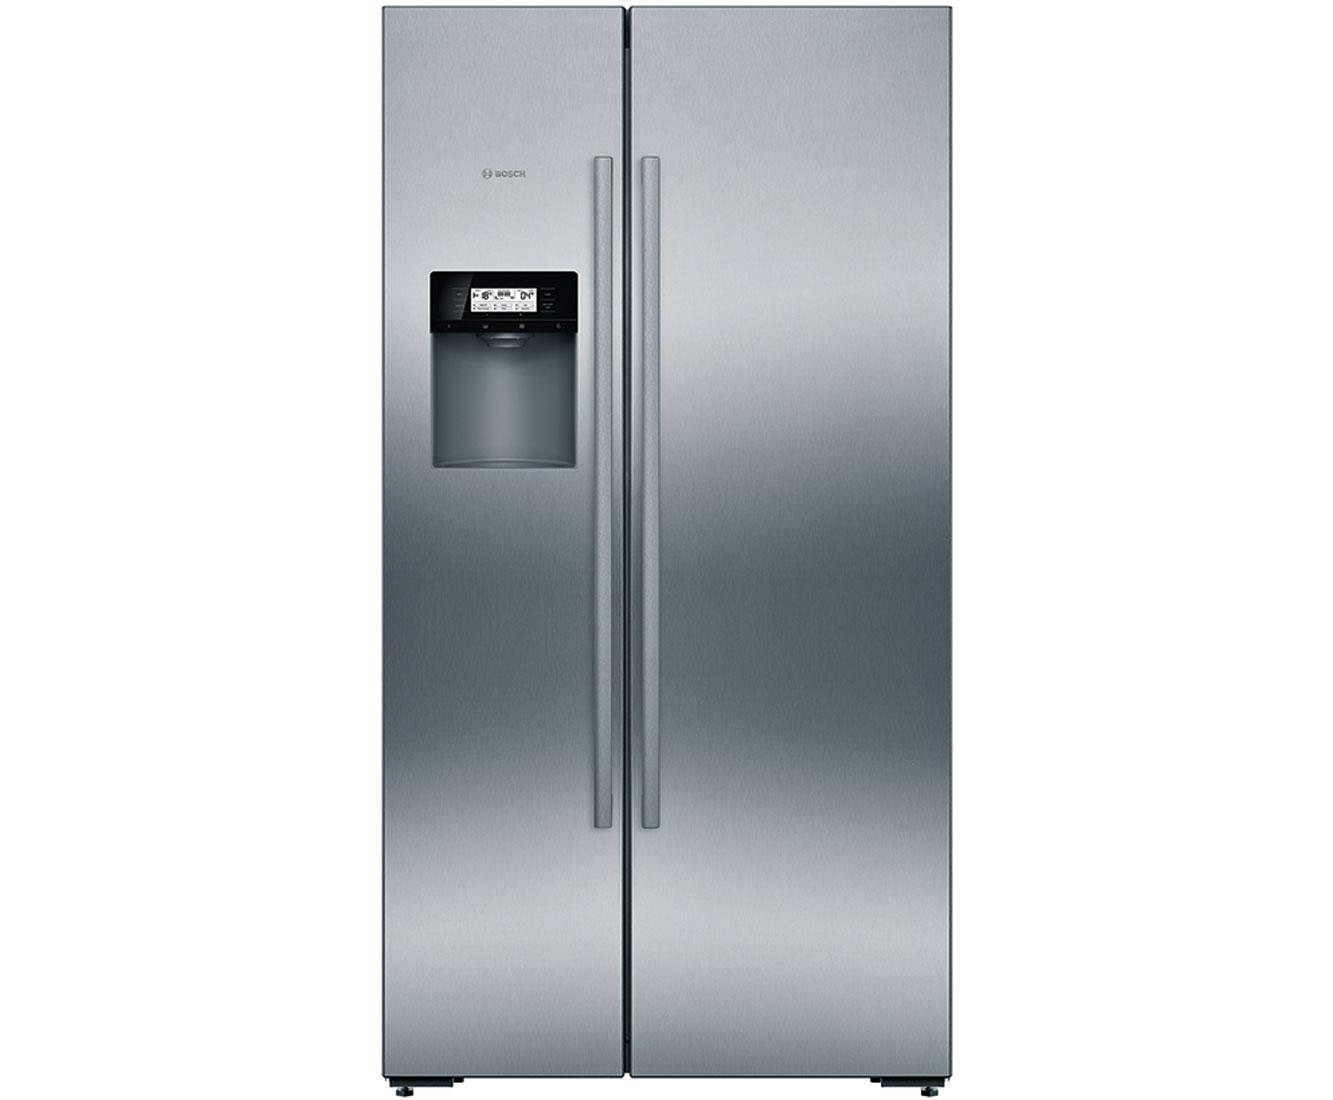 Bosch Kühlschrank Kgn 39 Xi 41 : Bosch nofrost a gefrierkombination preisvergleich u die besten